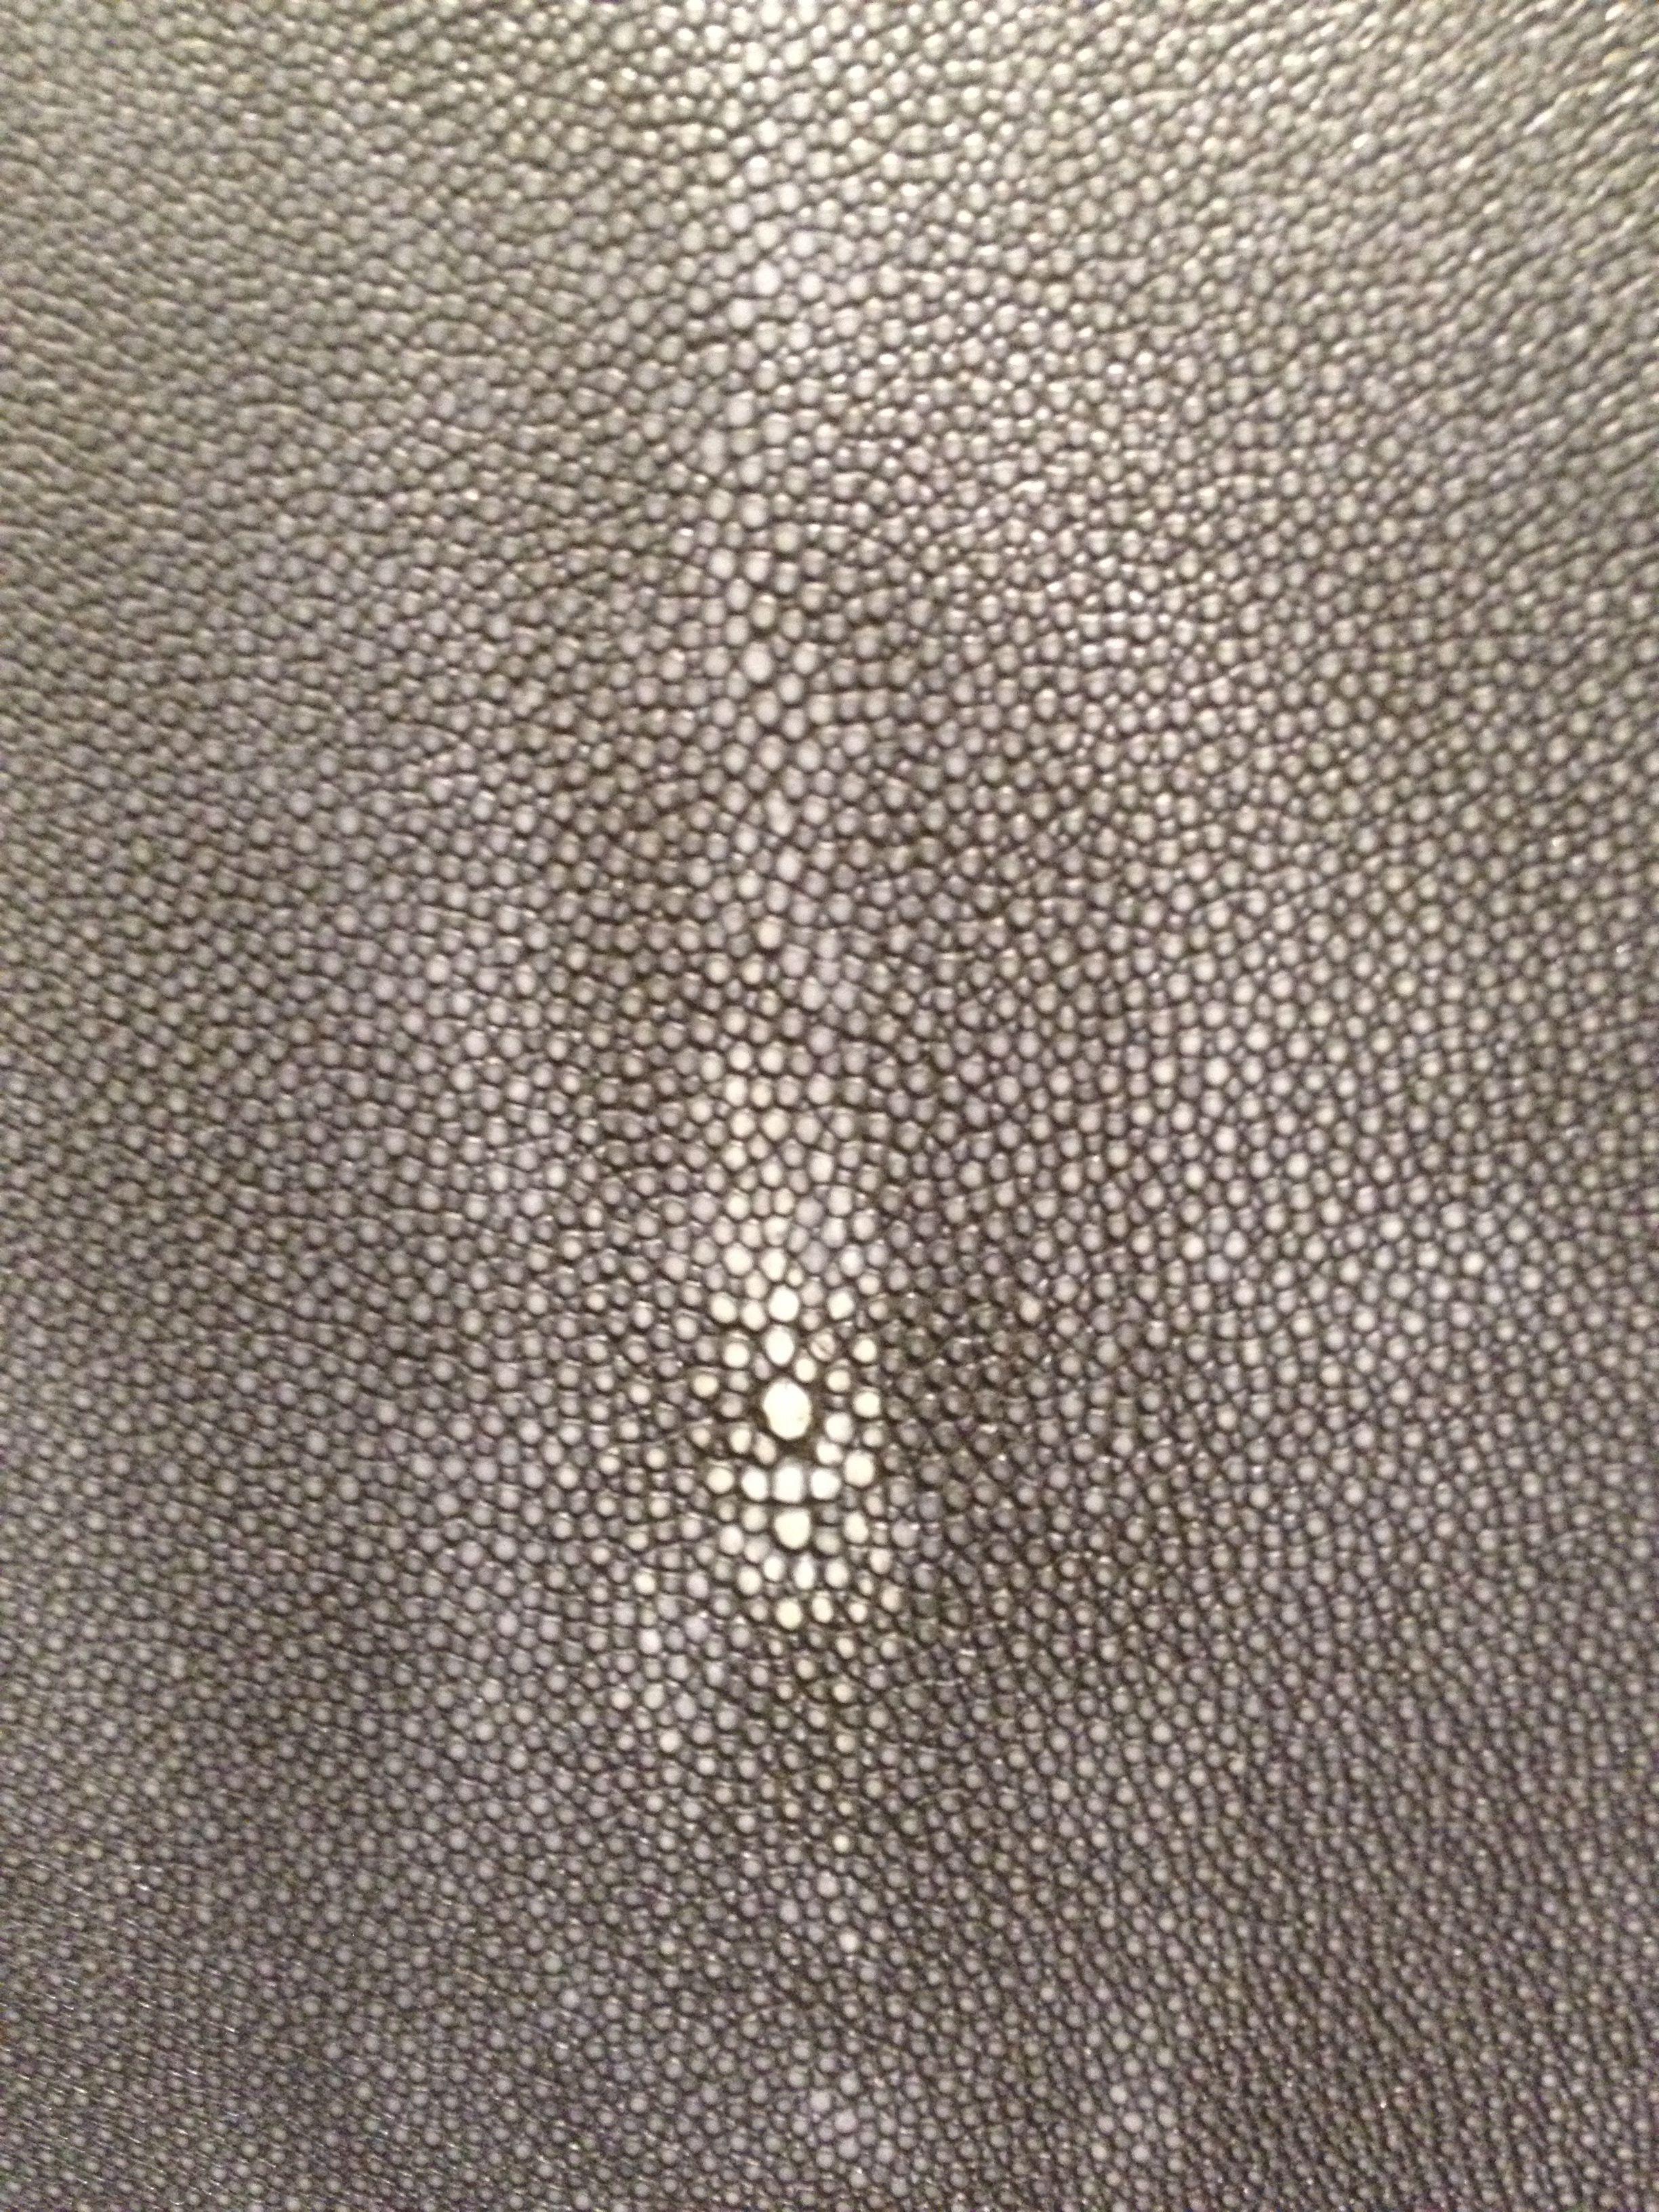 Shagreen Tile Ann Sacks Finishes Tiles Texture